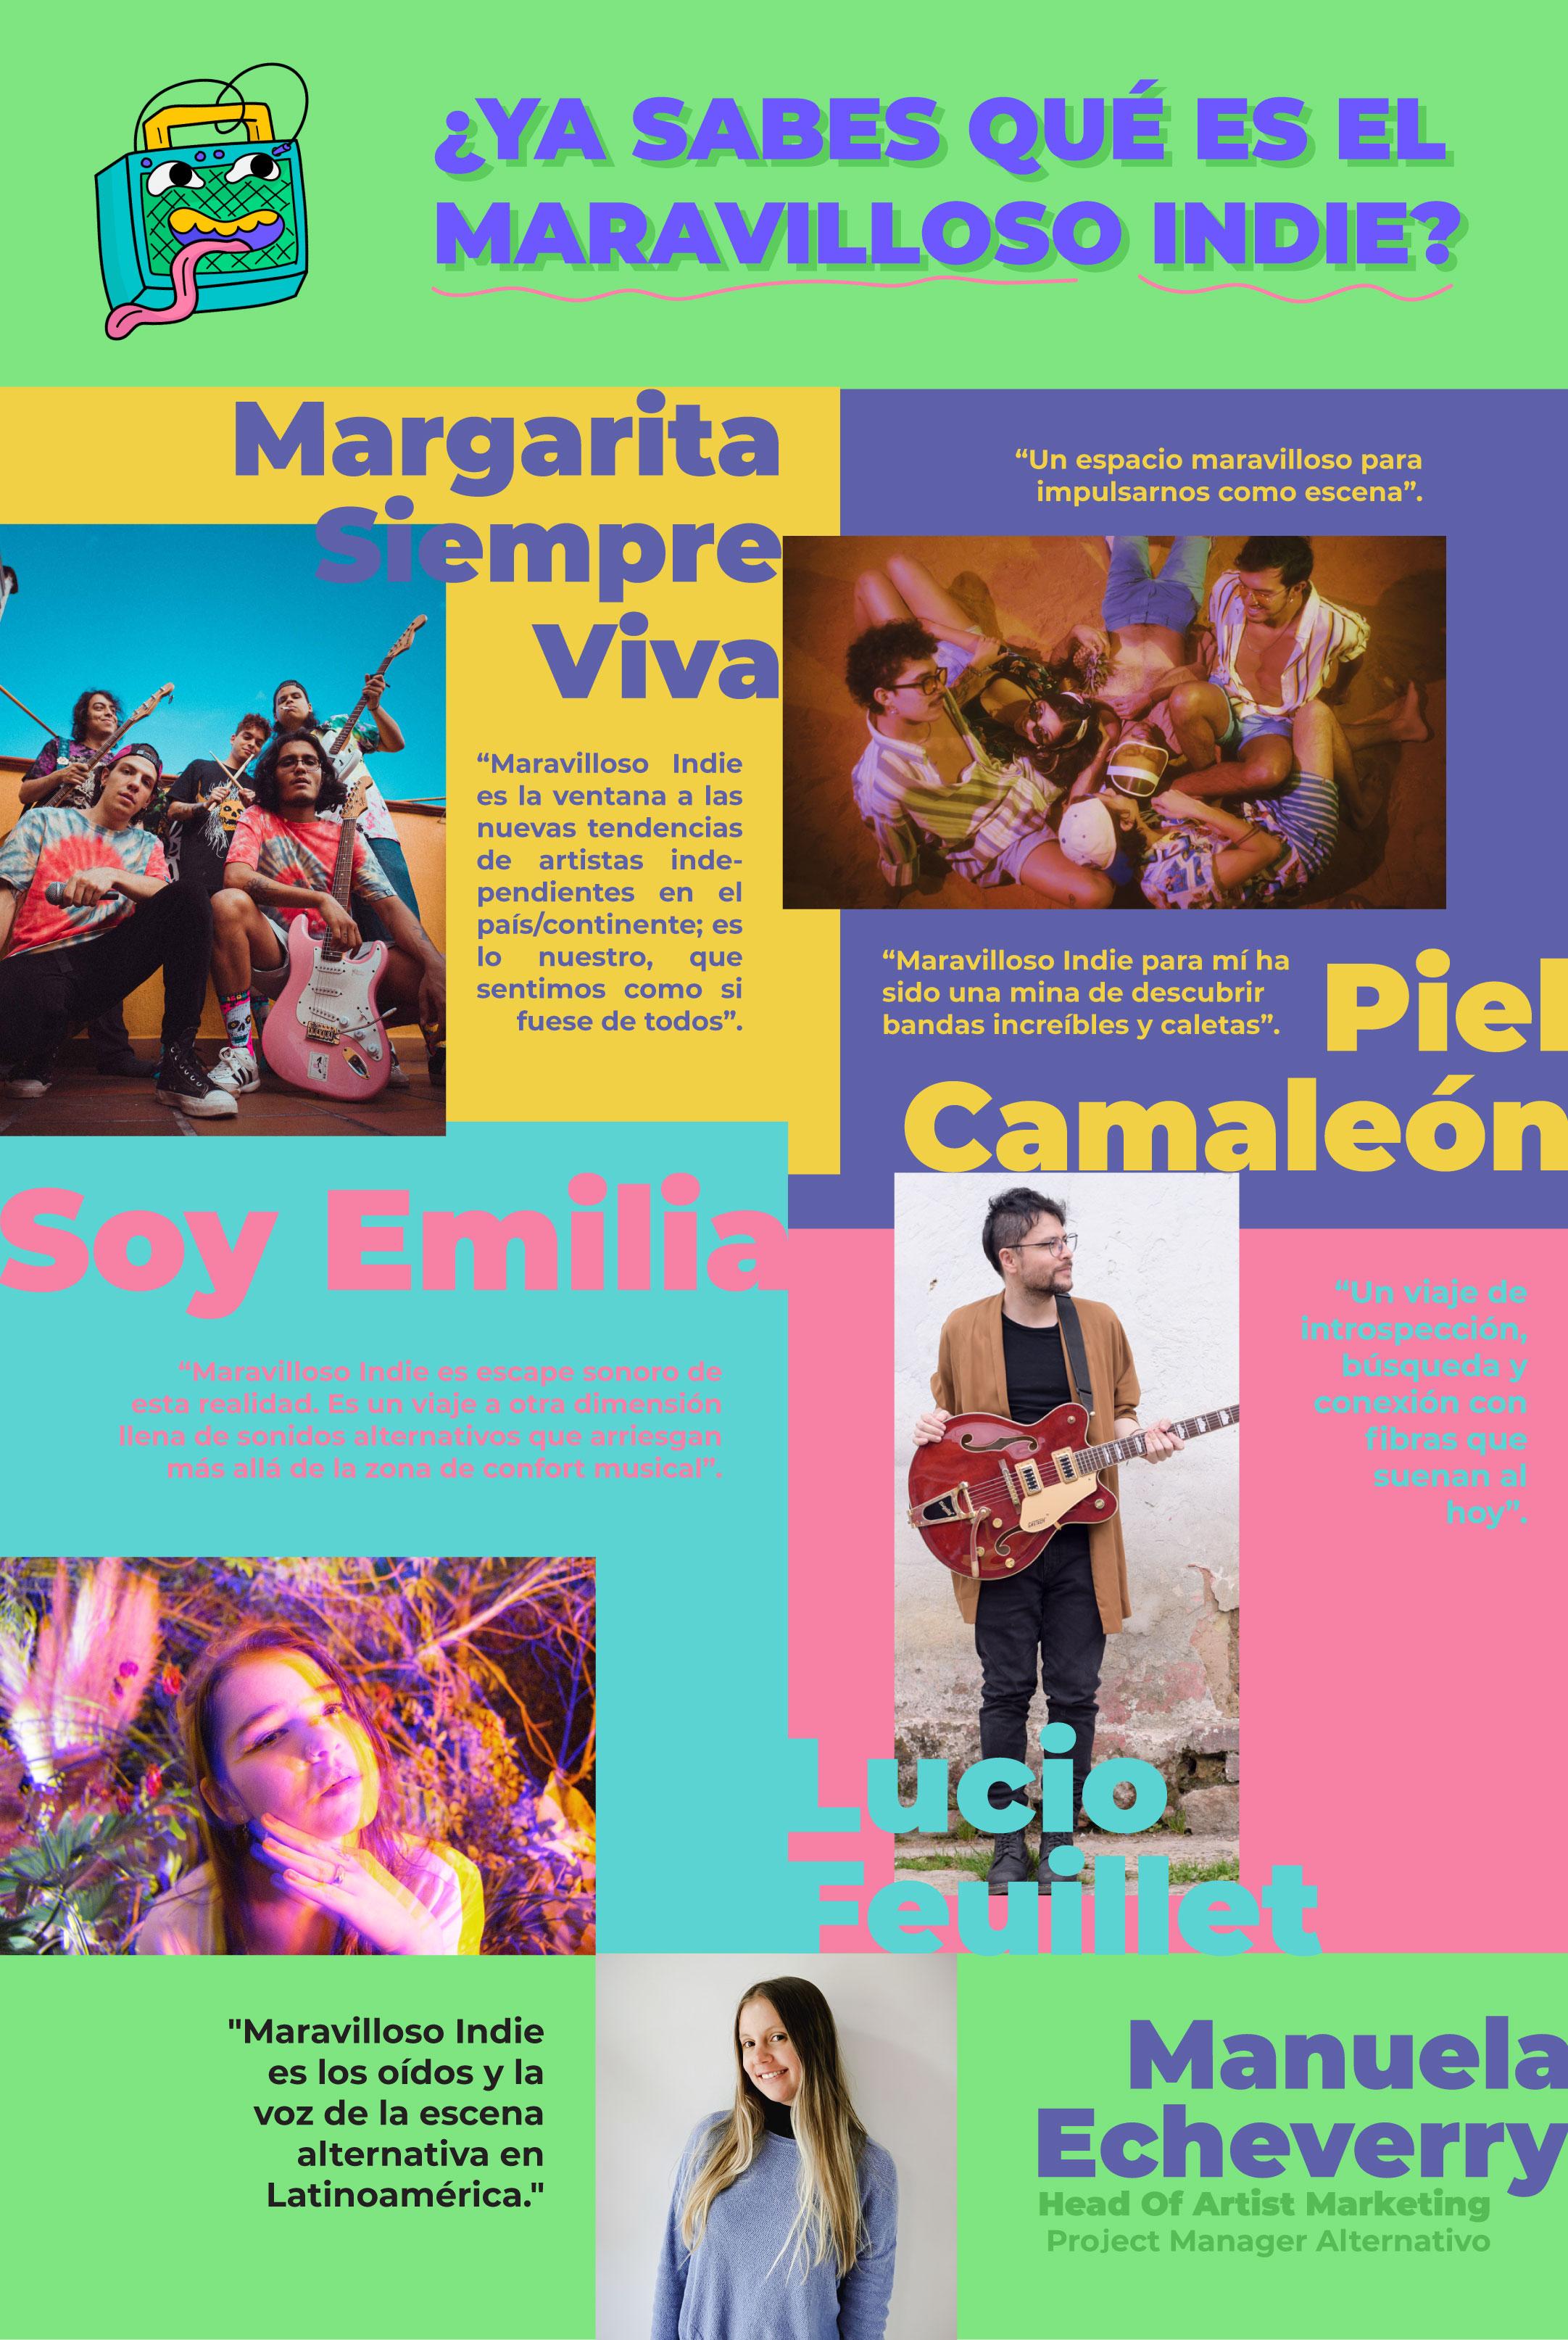 musica alternativa. soy emilia, lucio feuillet, margarita siempre viva, piel camaleon. onerpm latino.